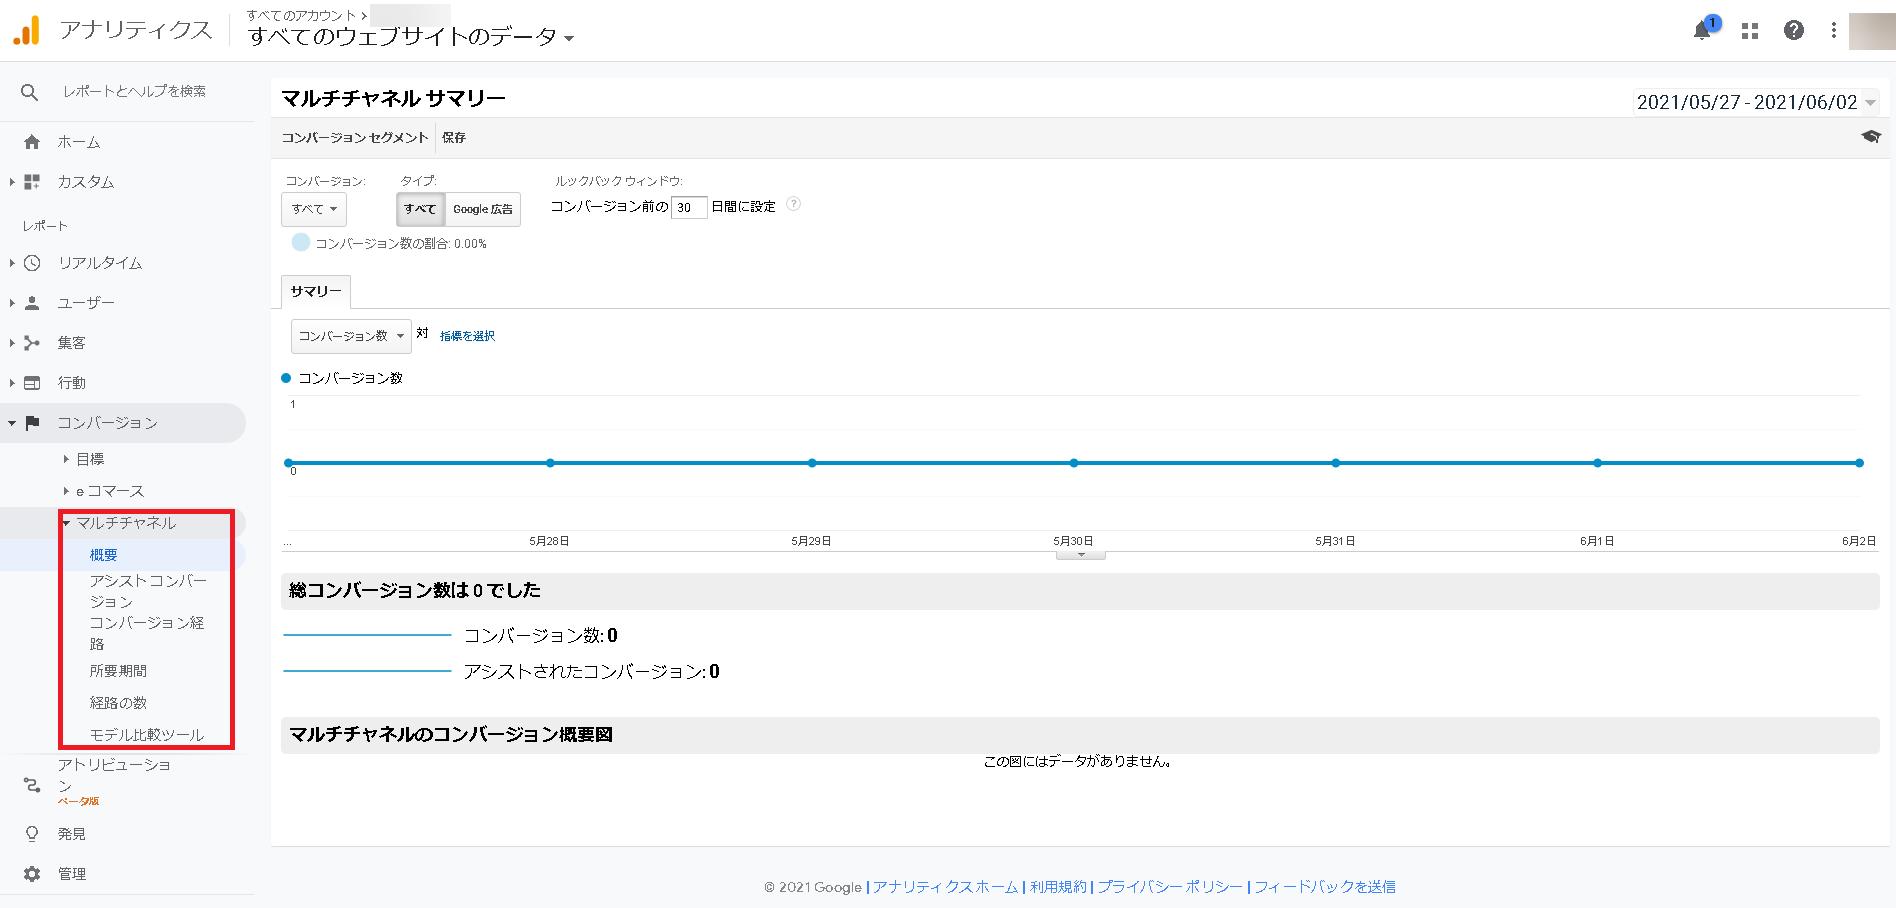 GoogleアナリティクスのCV測定結果の確認方法4